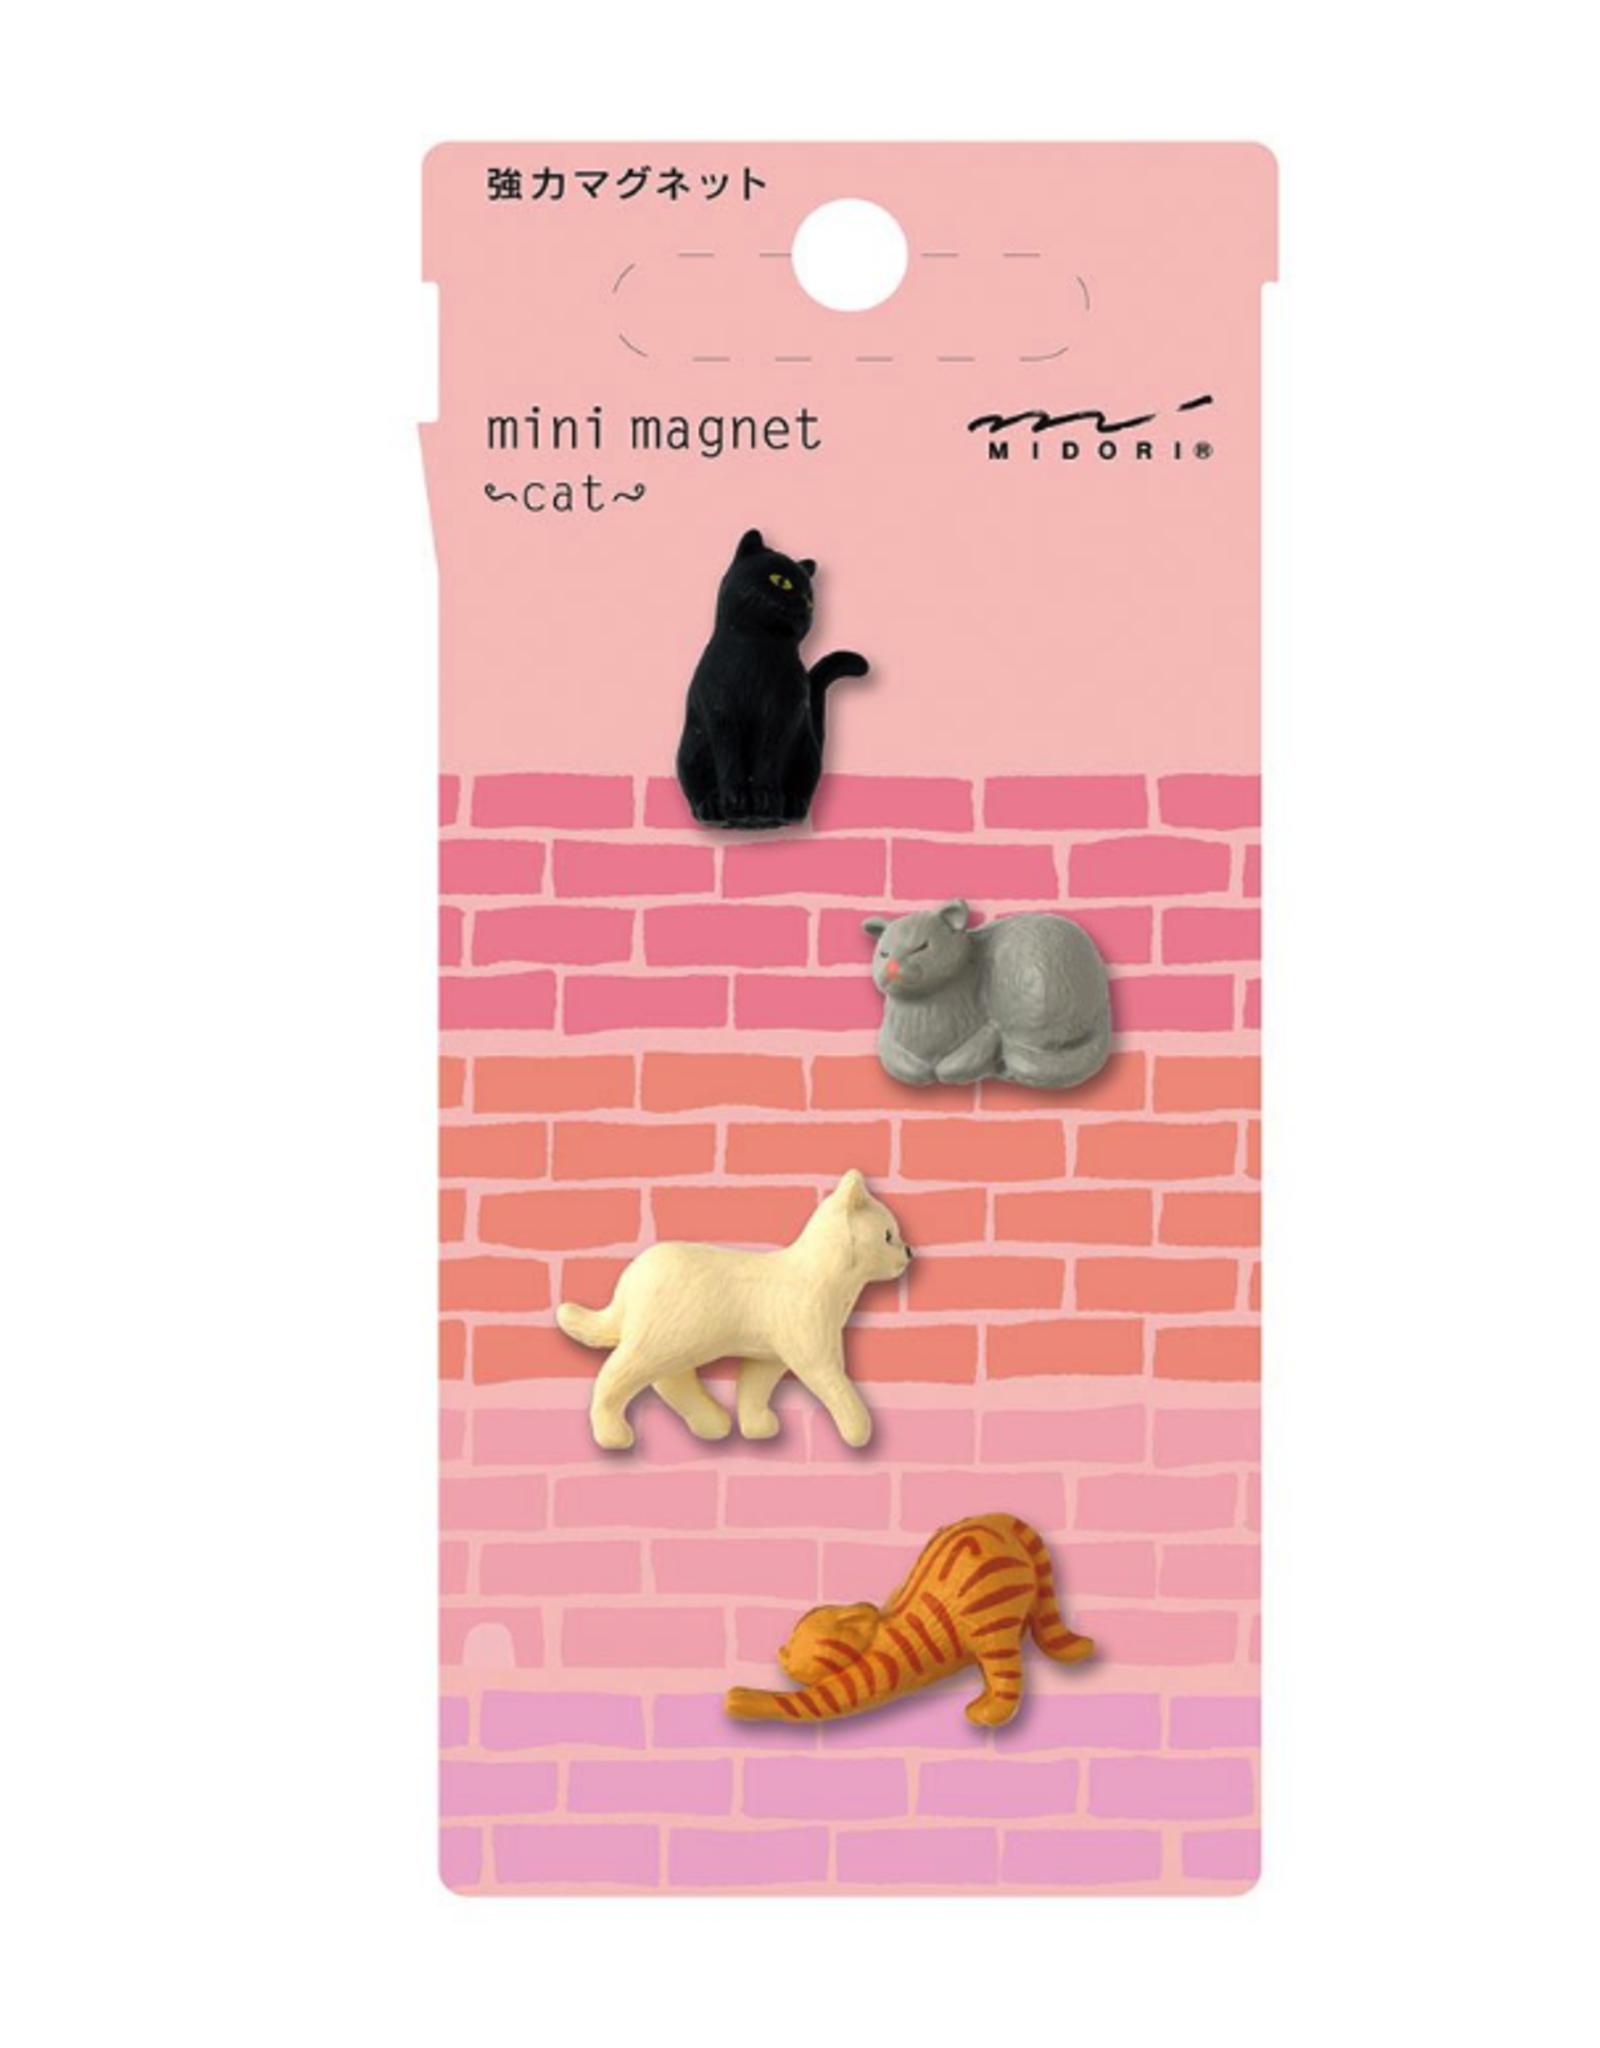 Midori Midori Mini magneetjes - cat